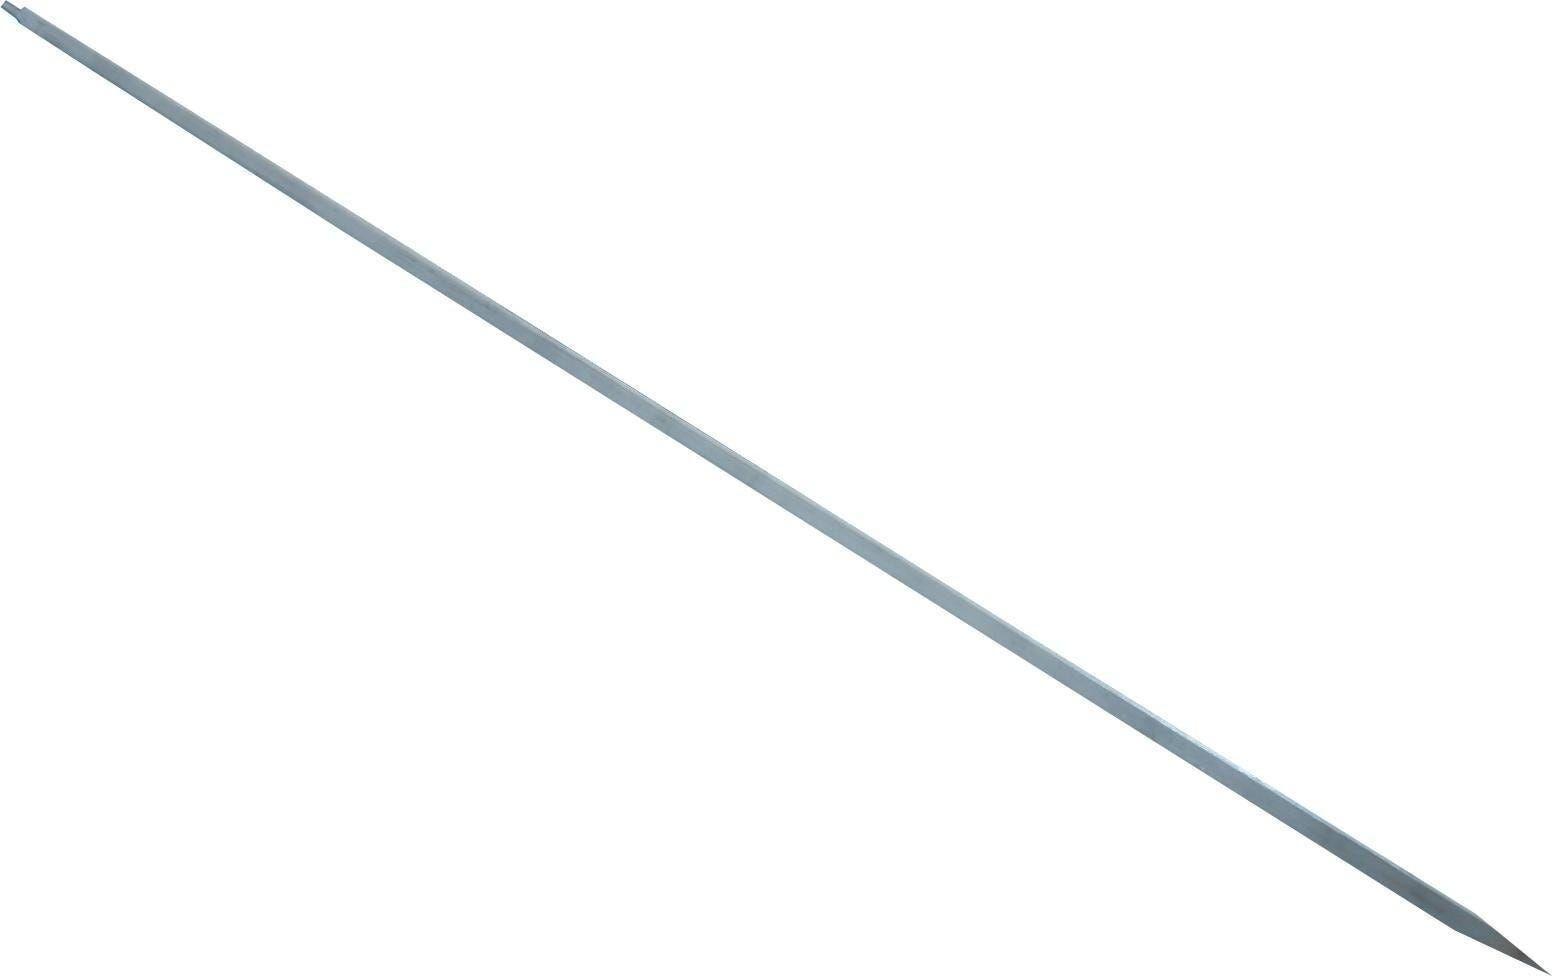 spiedino inox per girarrosto 100 cm